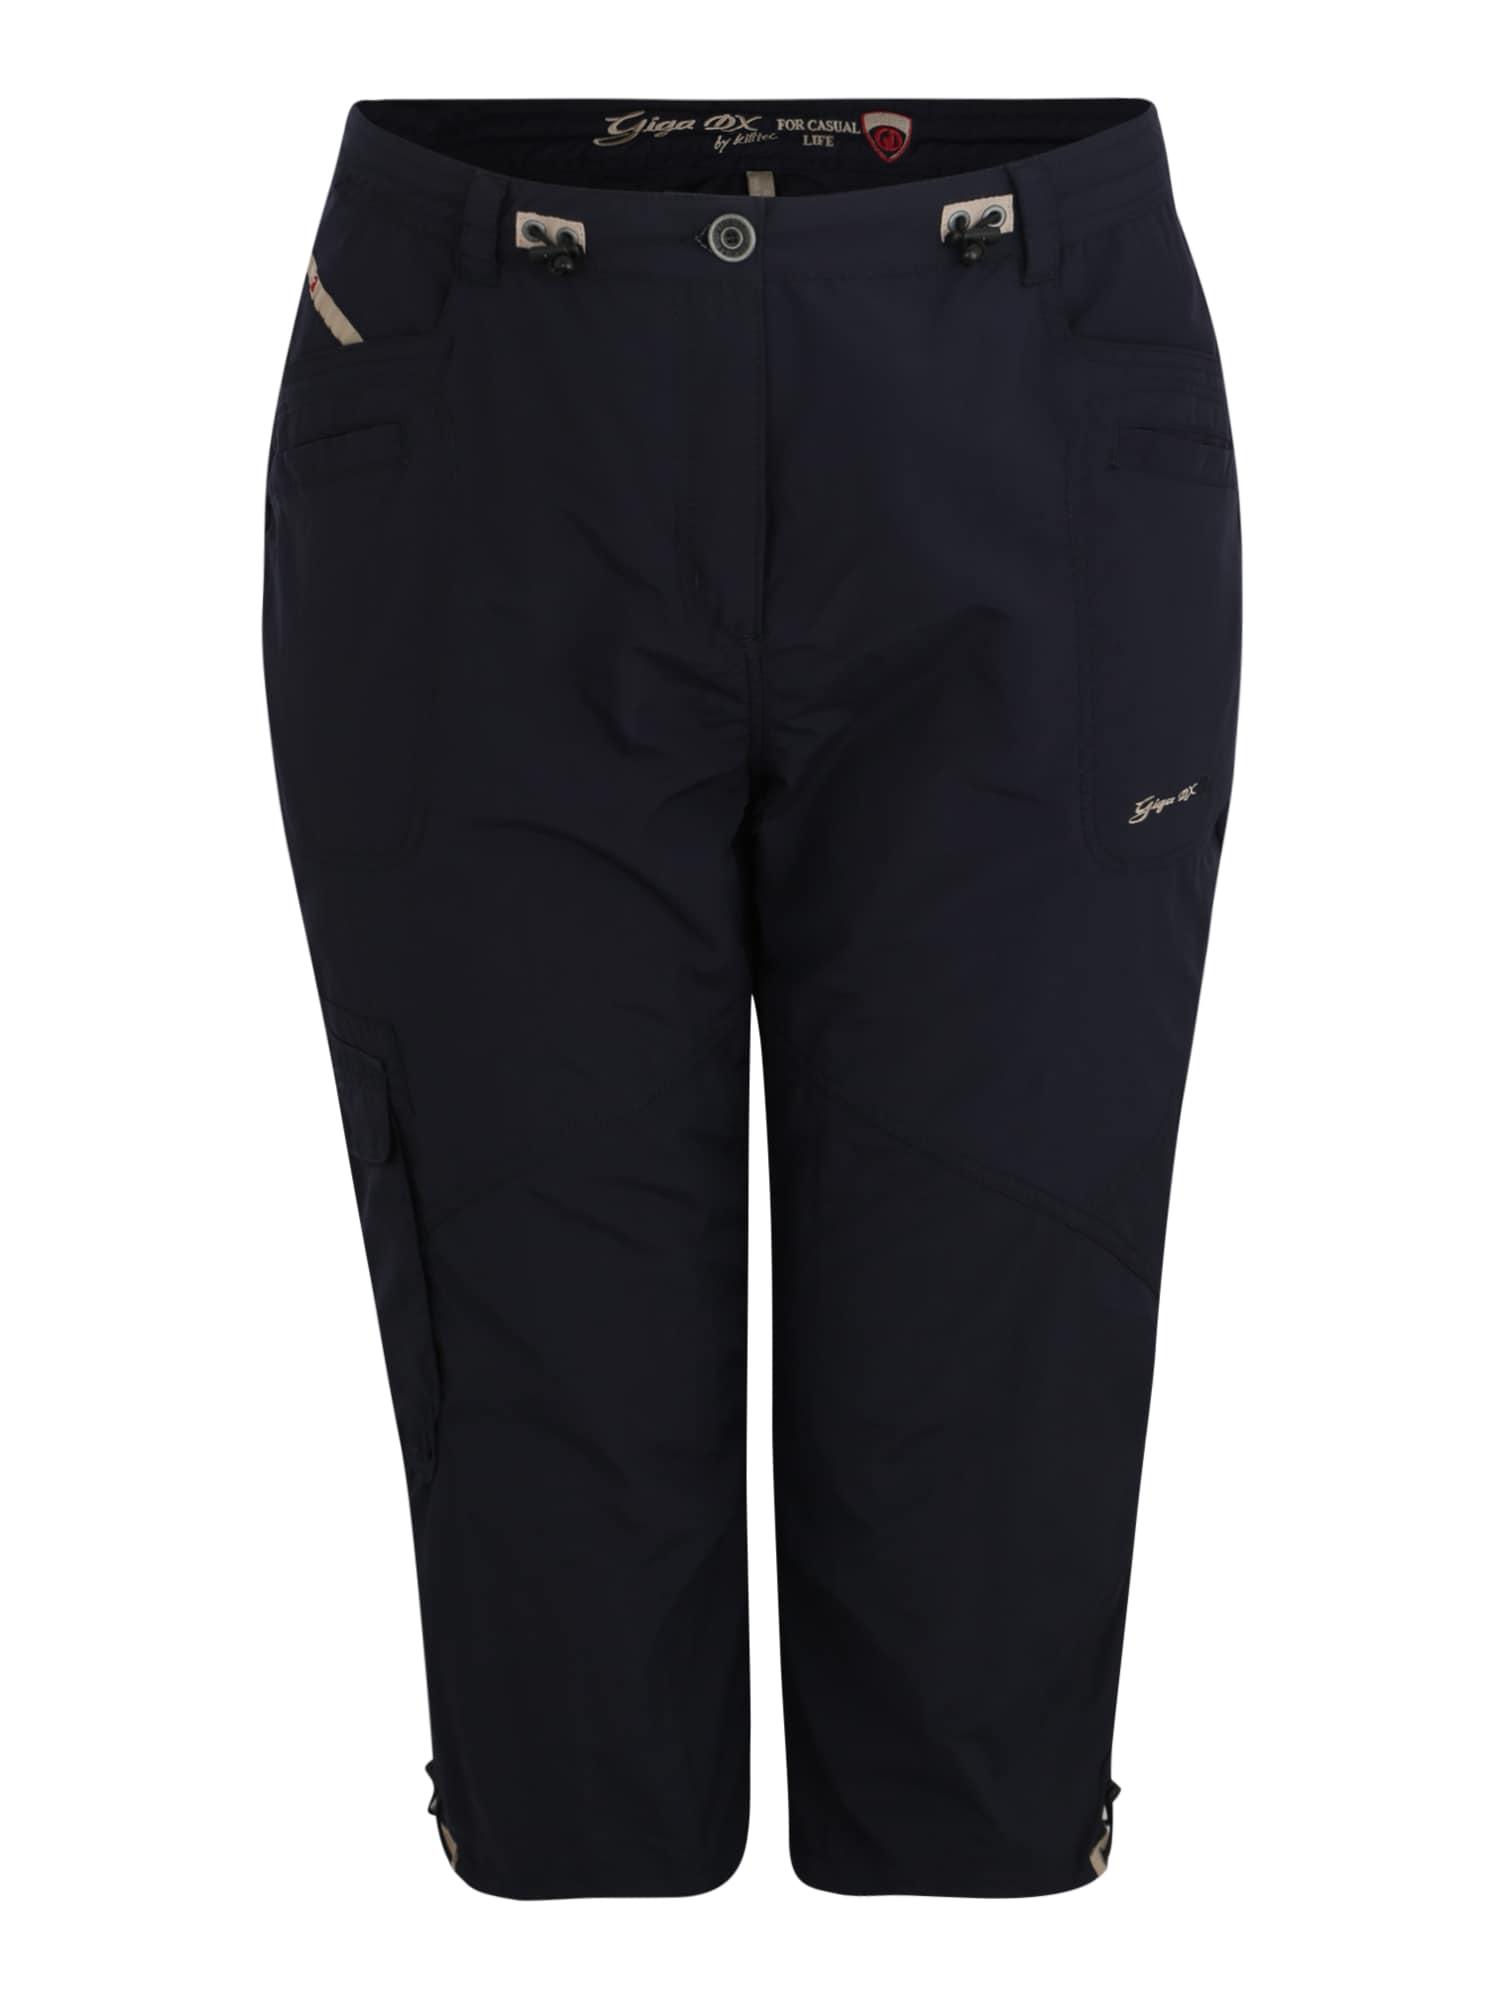 Kalhoty Fenia námořnická modř G.I.G.A. DX